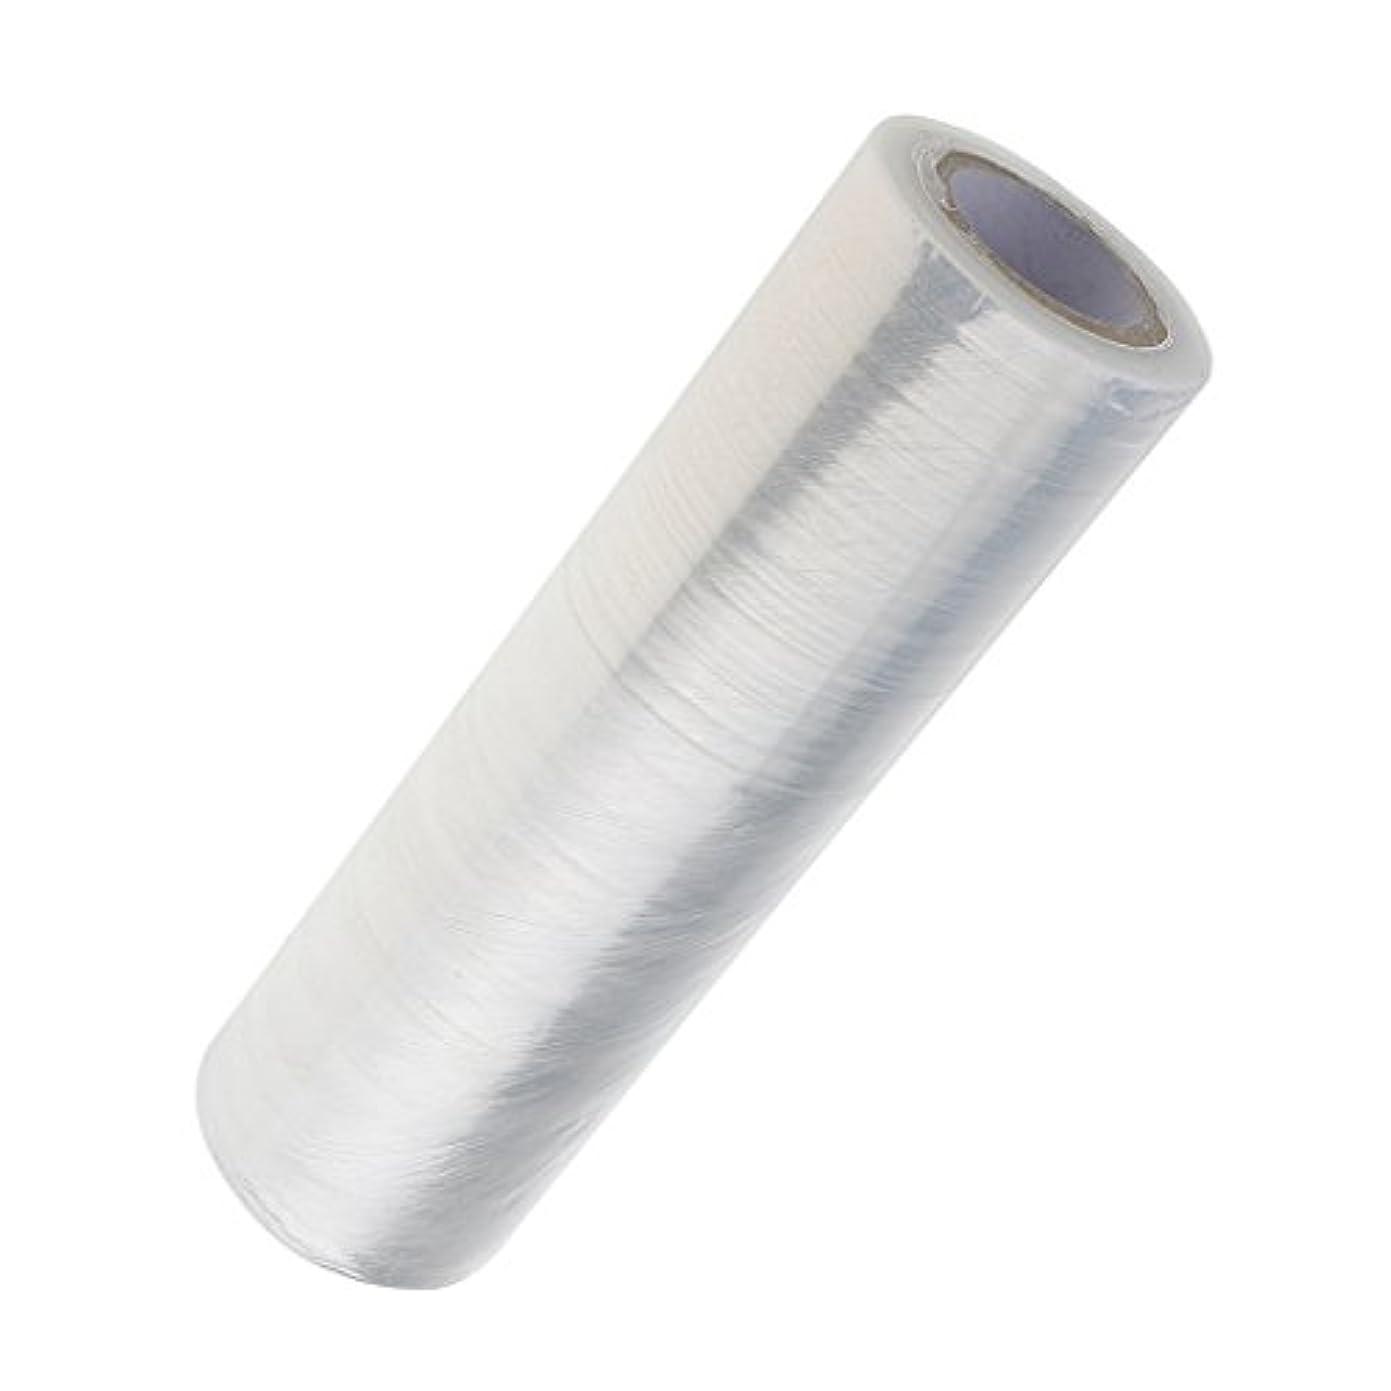 ソーダ水絞る反対に1ロール ボディラップ 美容用ラップ 髪用ラップ プラスチック クリア